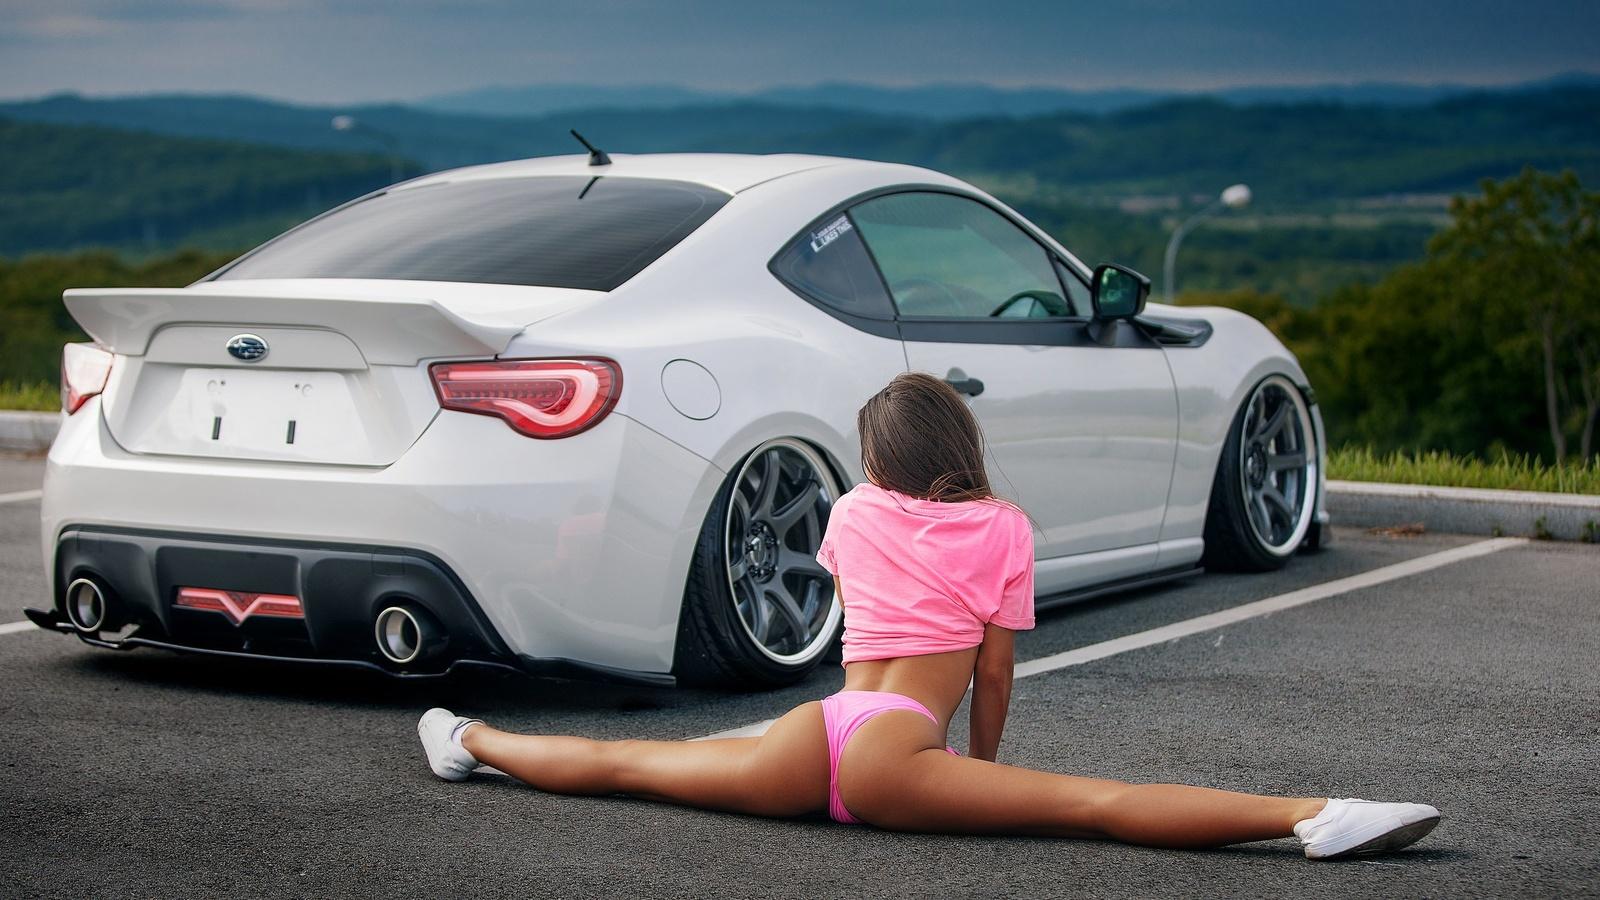 women, ass, sneakers, women outdoors, car, t-shirt, pink clothing, brunette, flexible, women with cars, subaru, parking lot